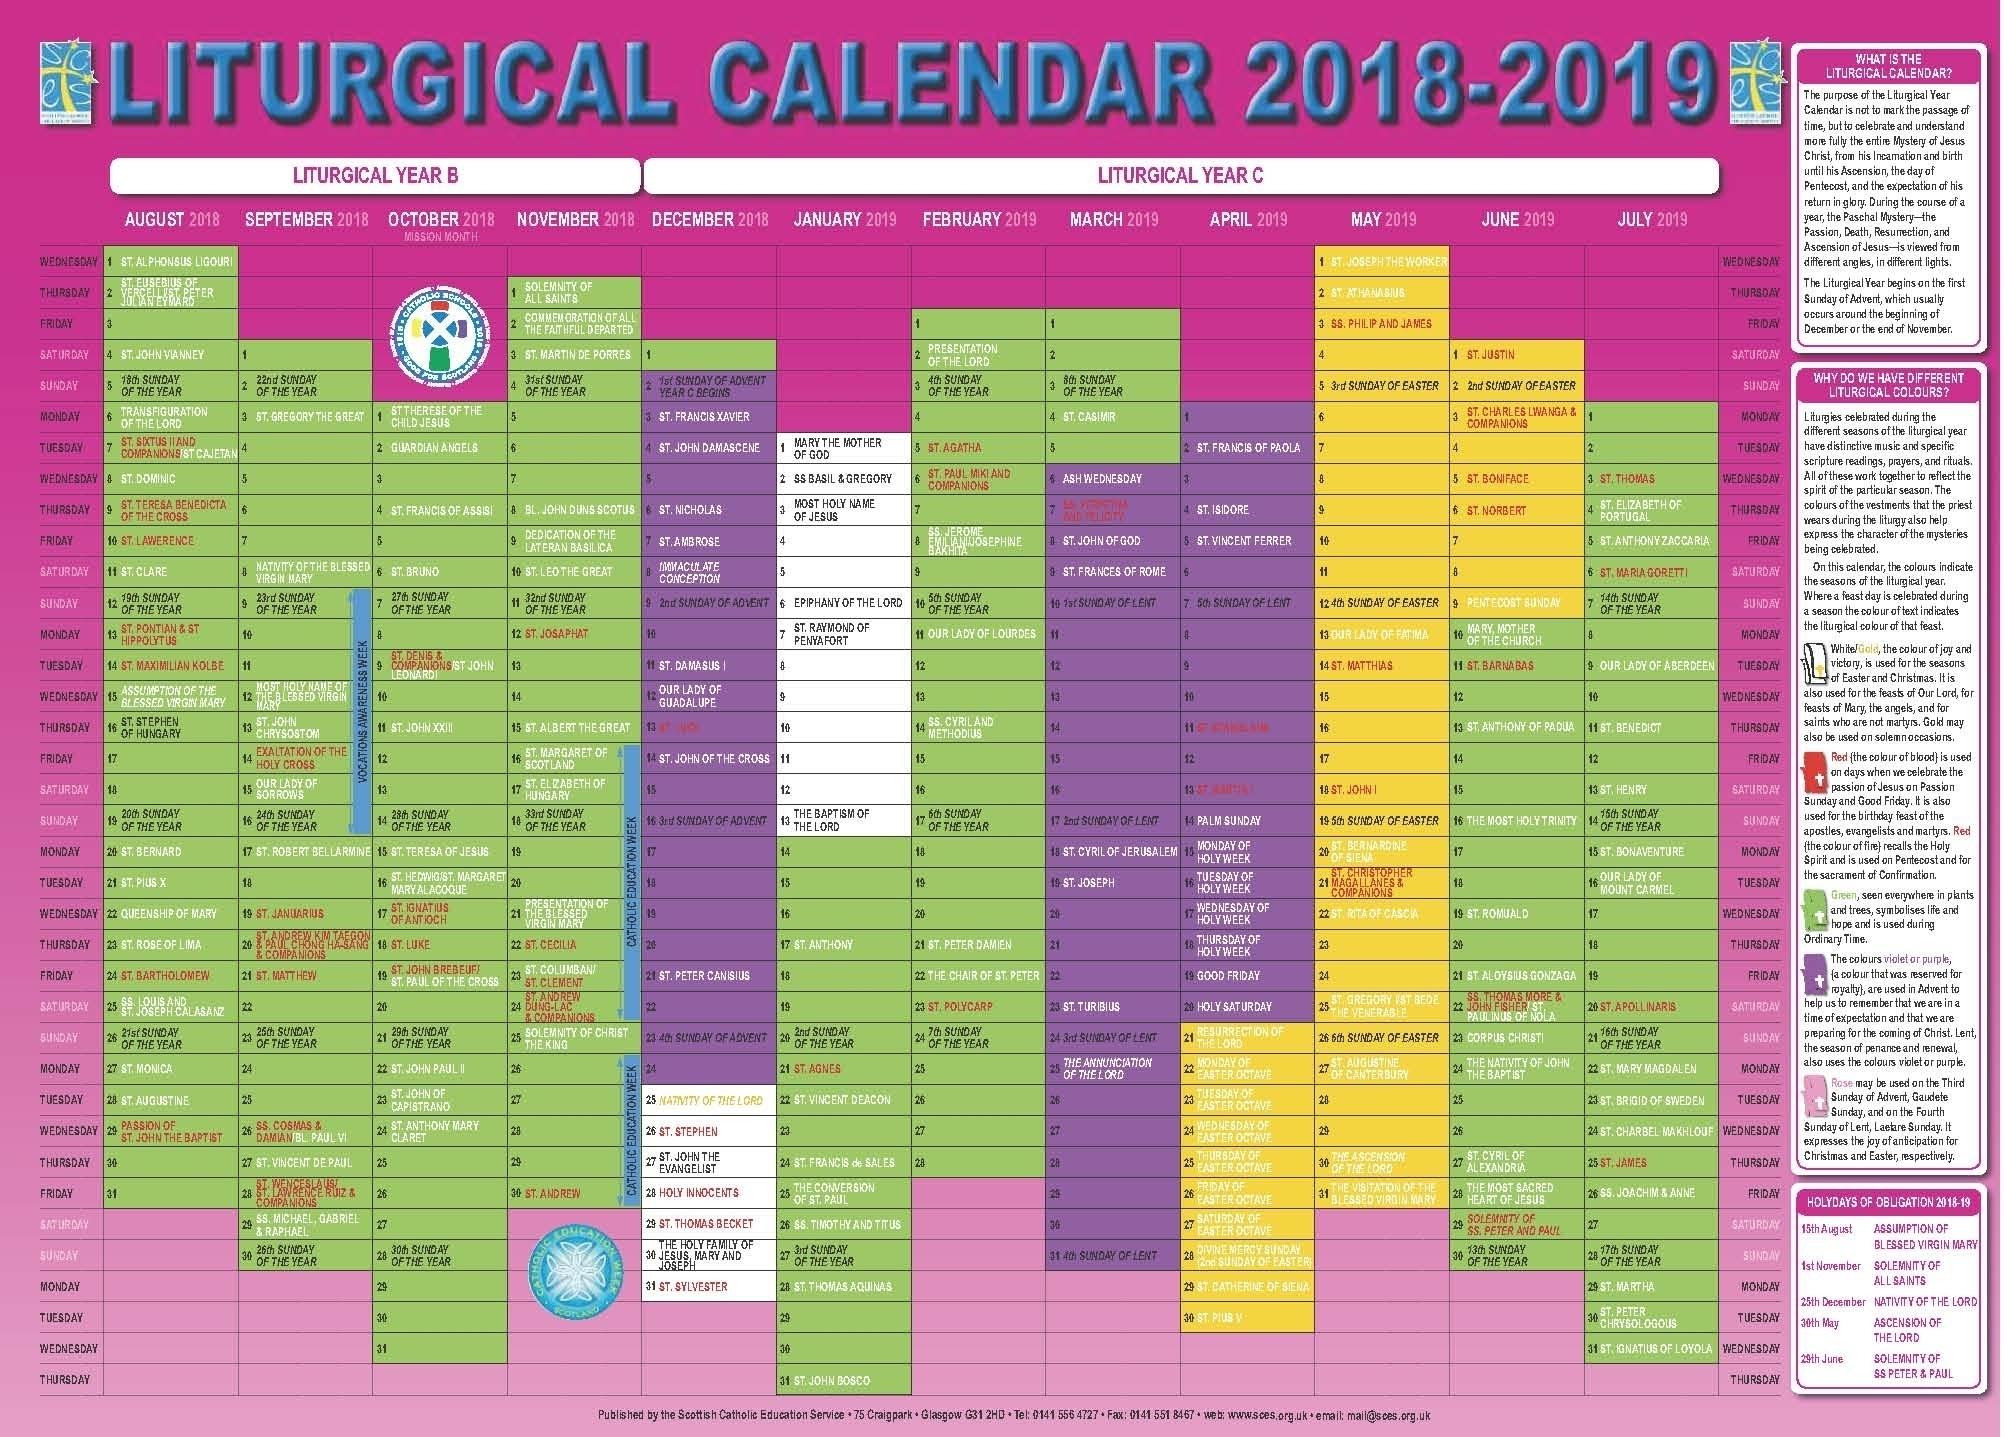 Catholic Liturgical Calendar 2020 Pdf - Calendar Inspiration intended for Catholic Liturgical Calendar 2019 2020